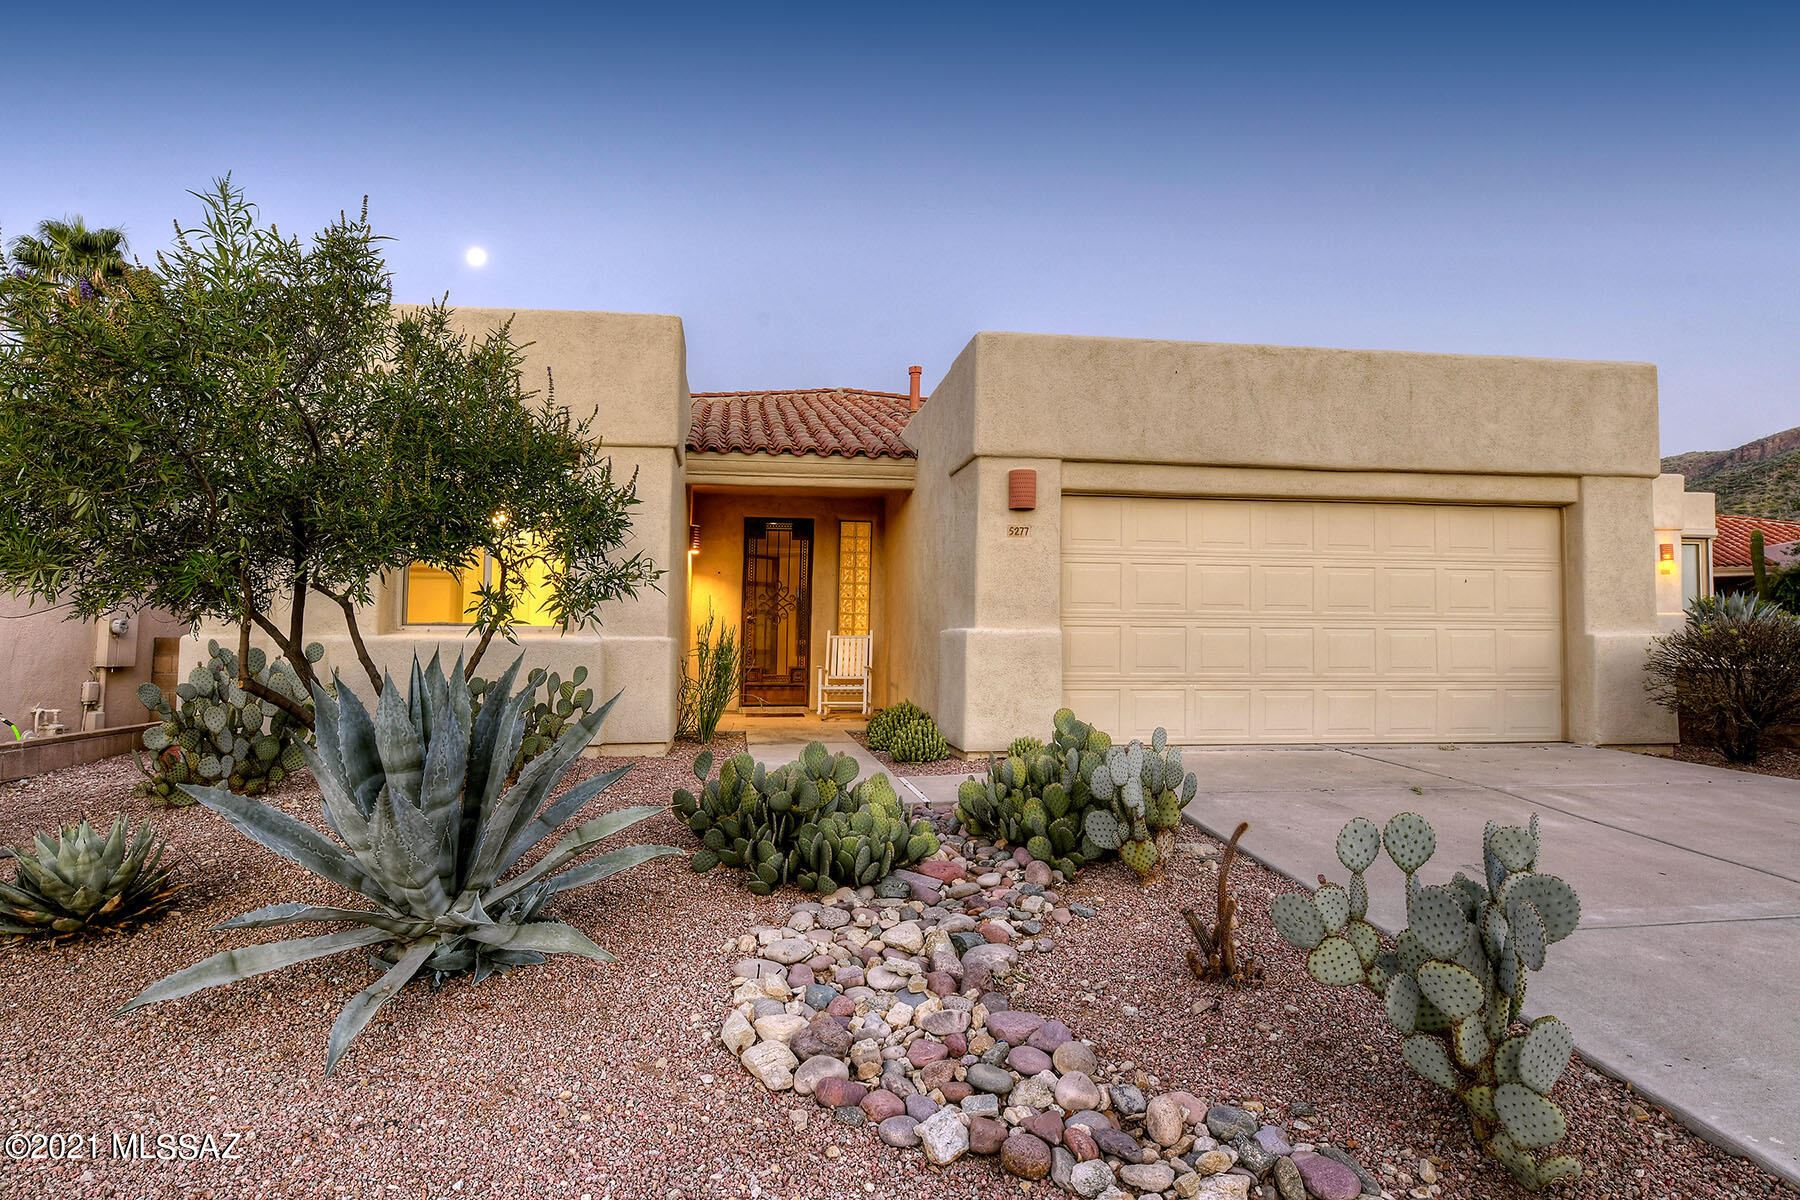 5277 N Canyon Rise Place, Tucson, AZ 85749 - MLS#: 22124549